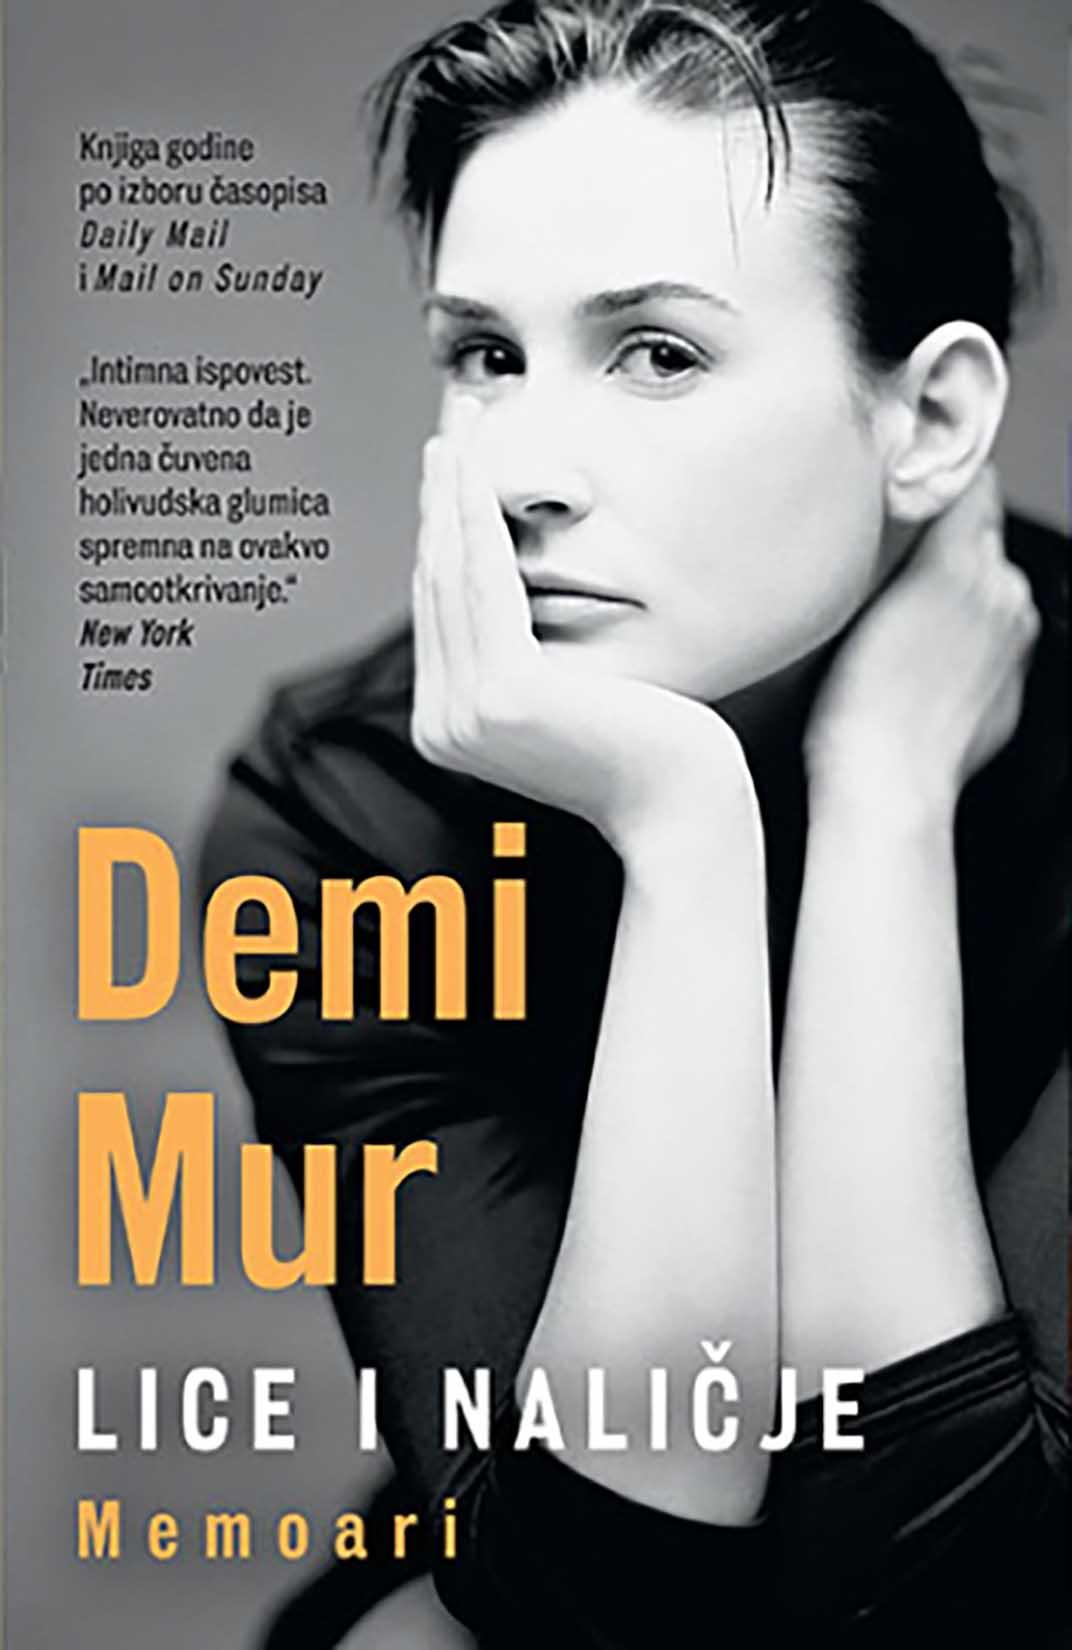 Demi Mur, autobiografija, knjiga, korice